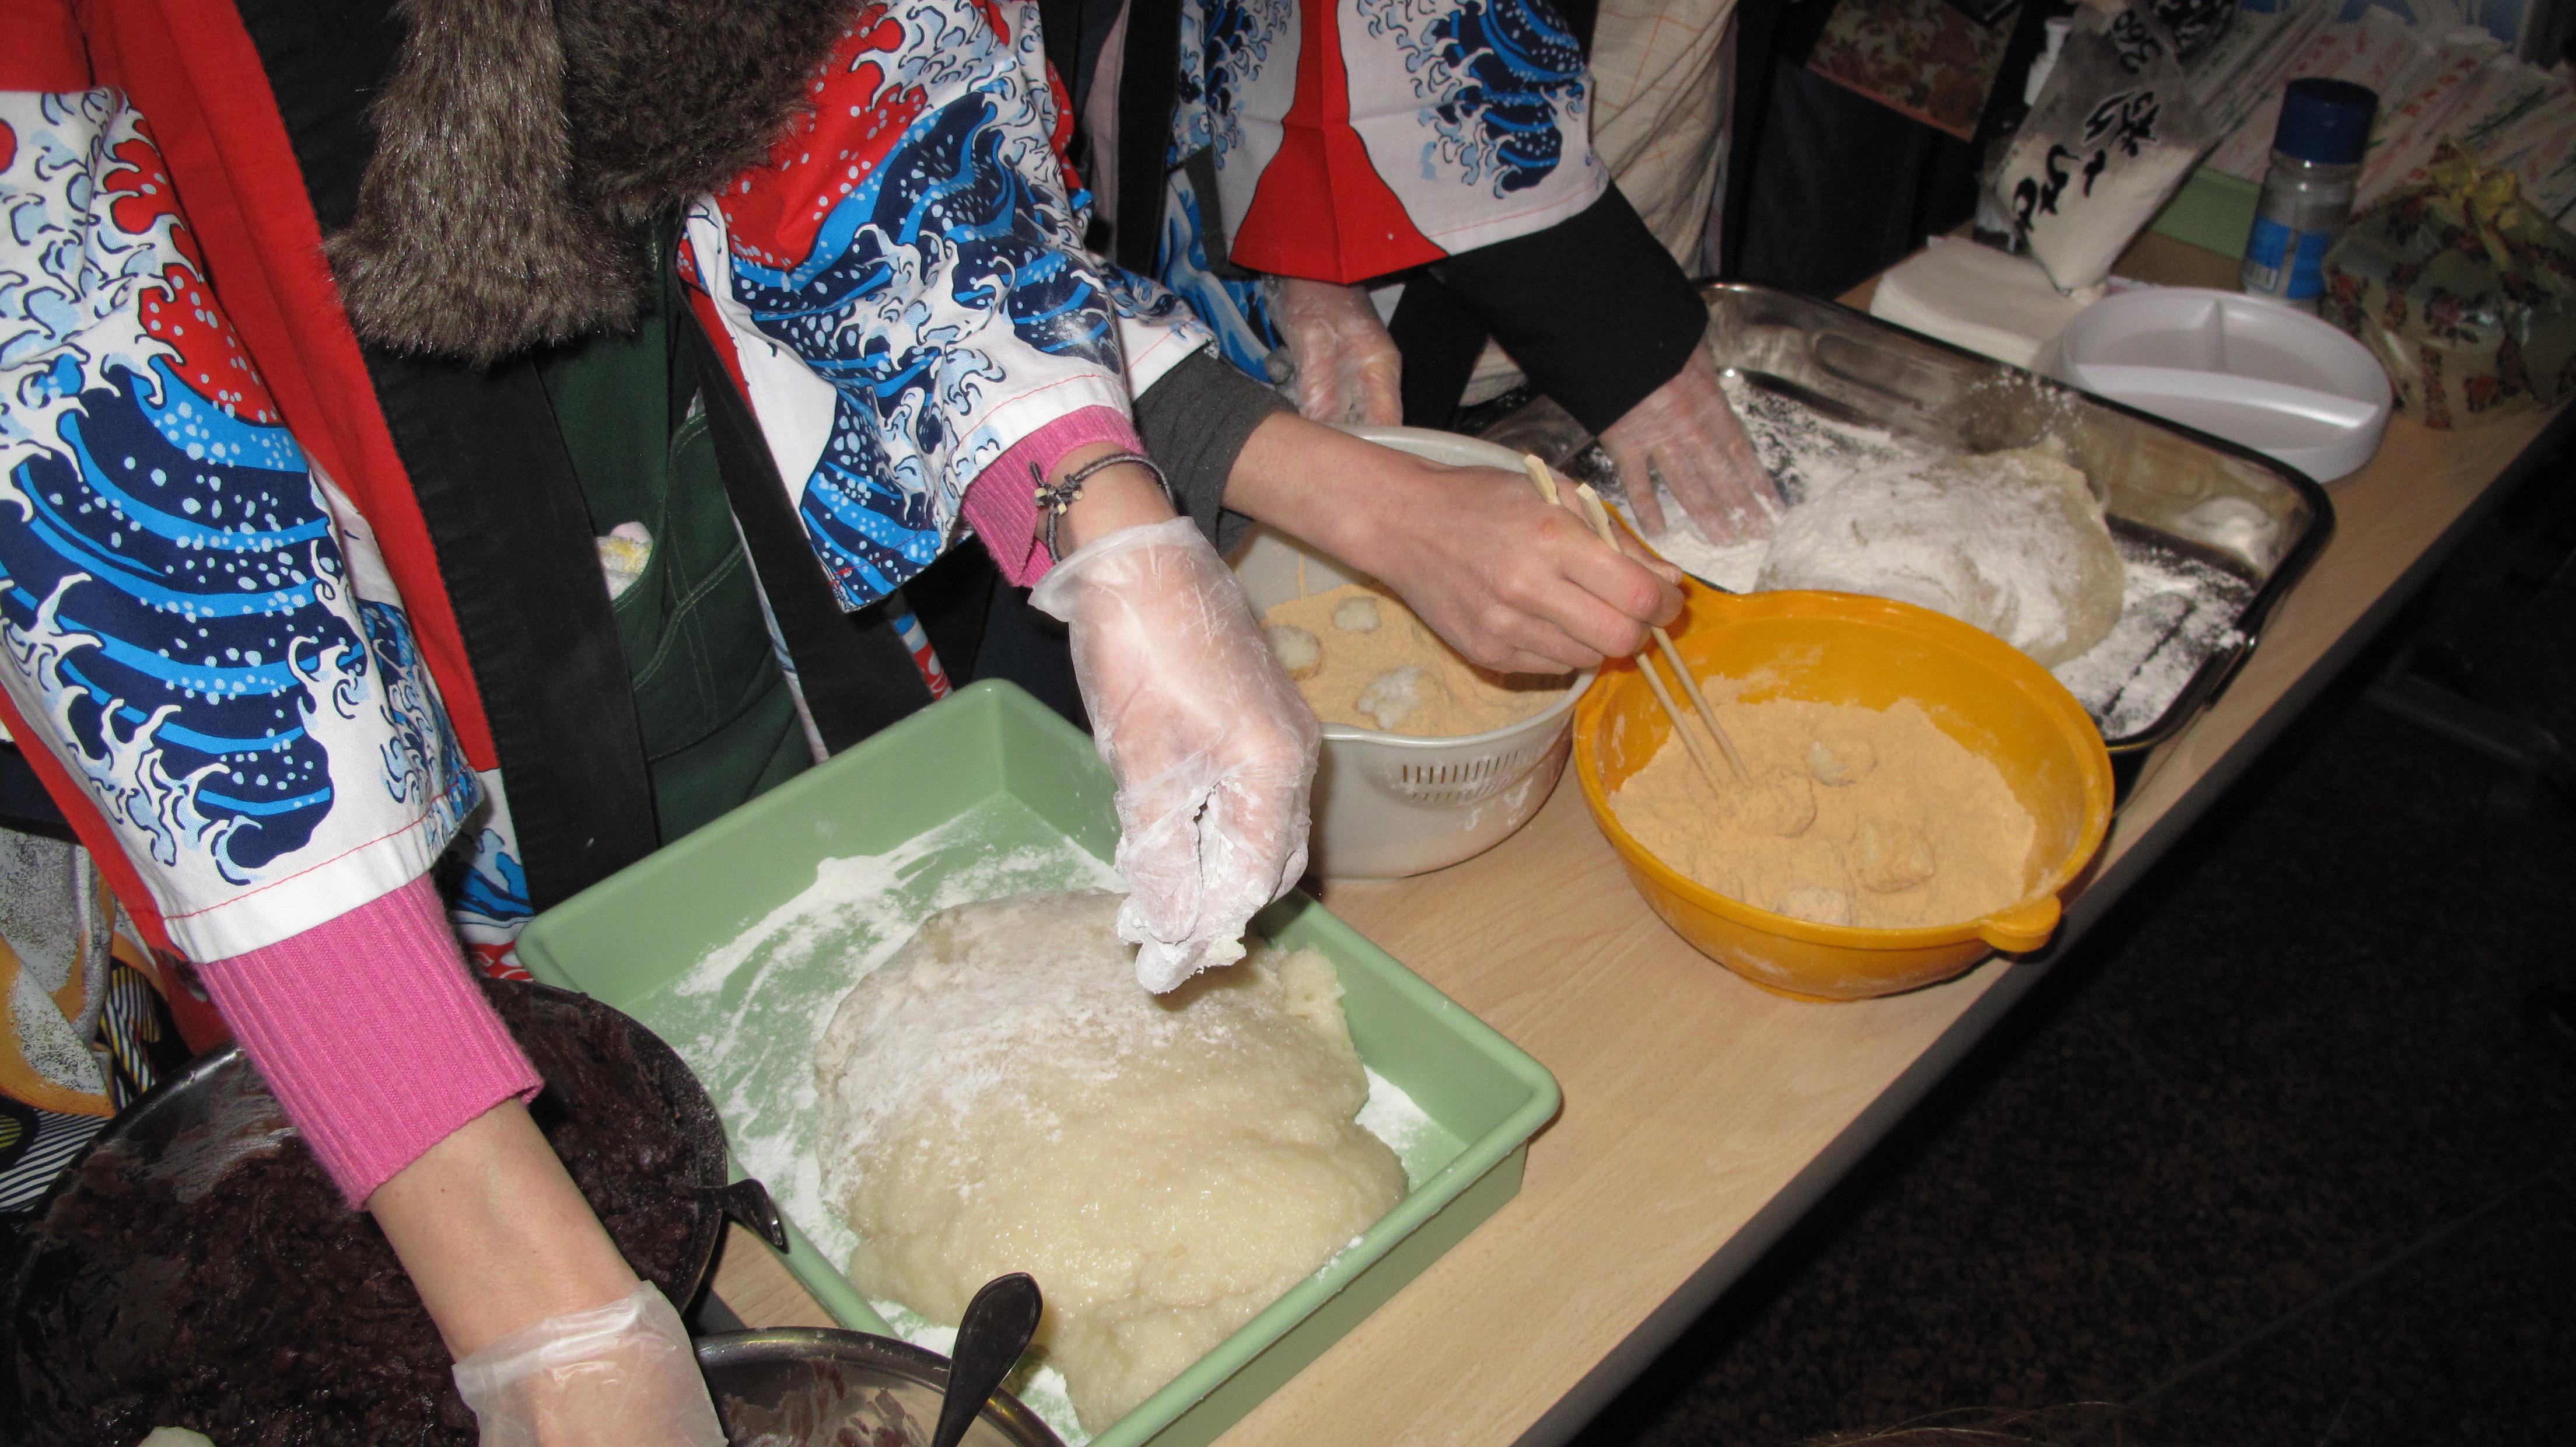 Свято у приготуванні новорічного японського десерту — рисових кульок мотіцкі або моті. Фото: Оксана Позднякова/The Epoch Times Україна